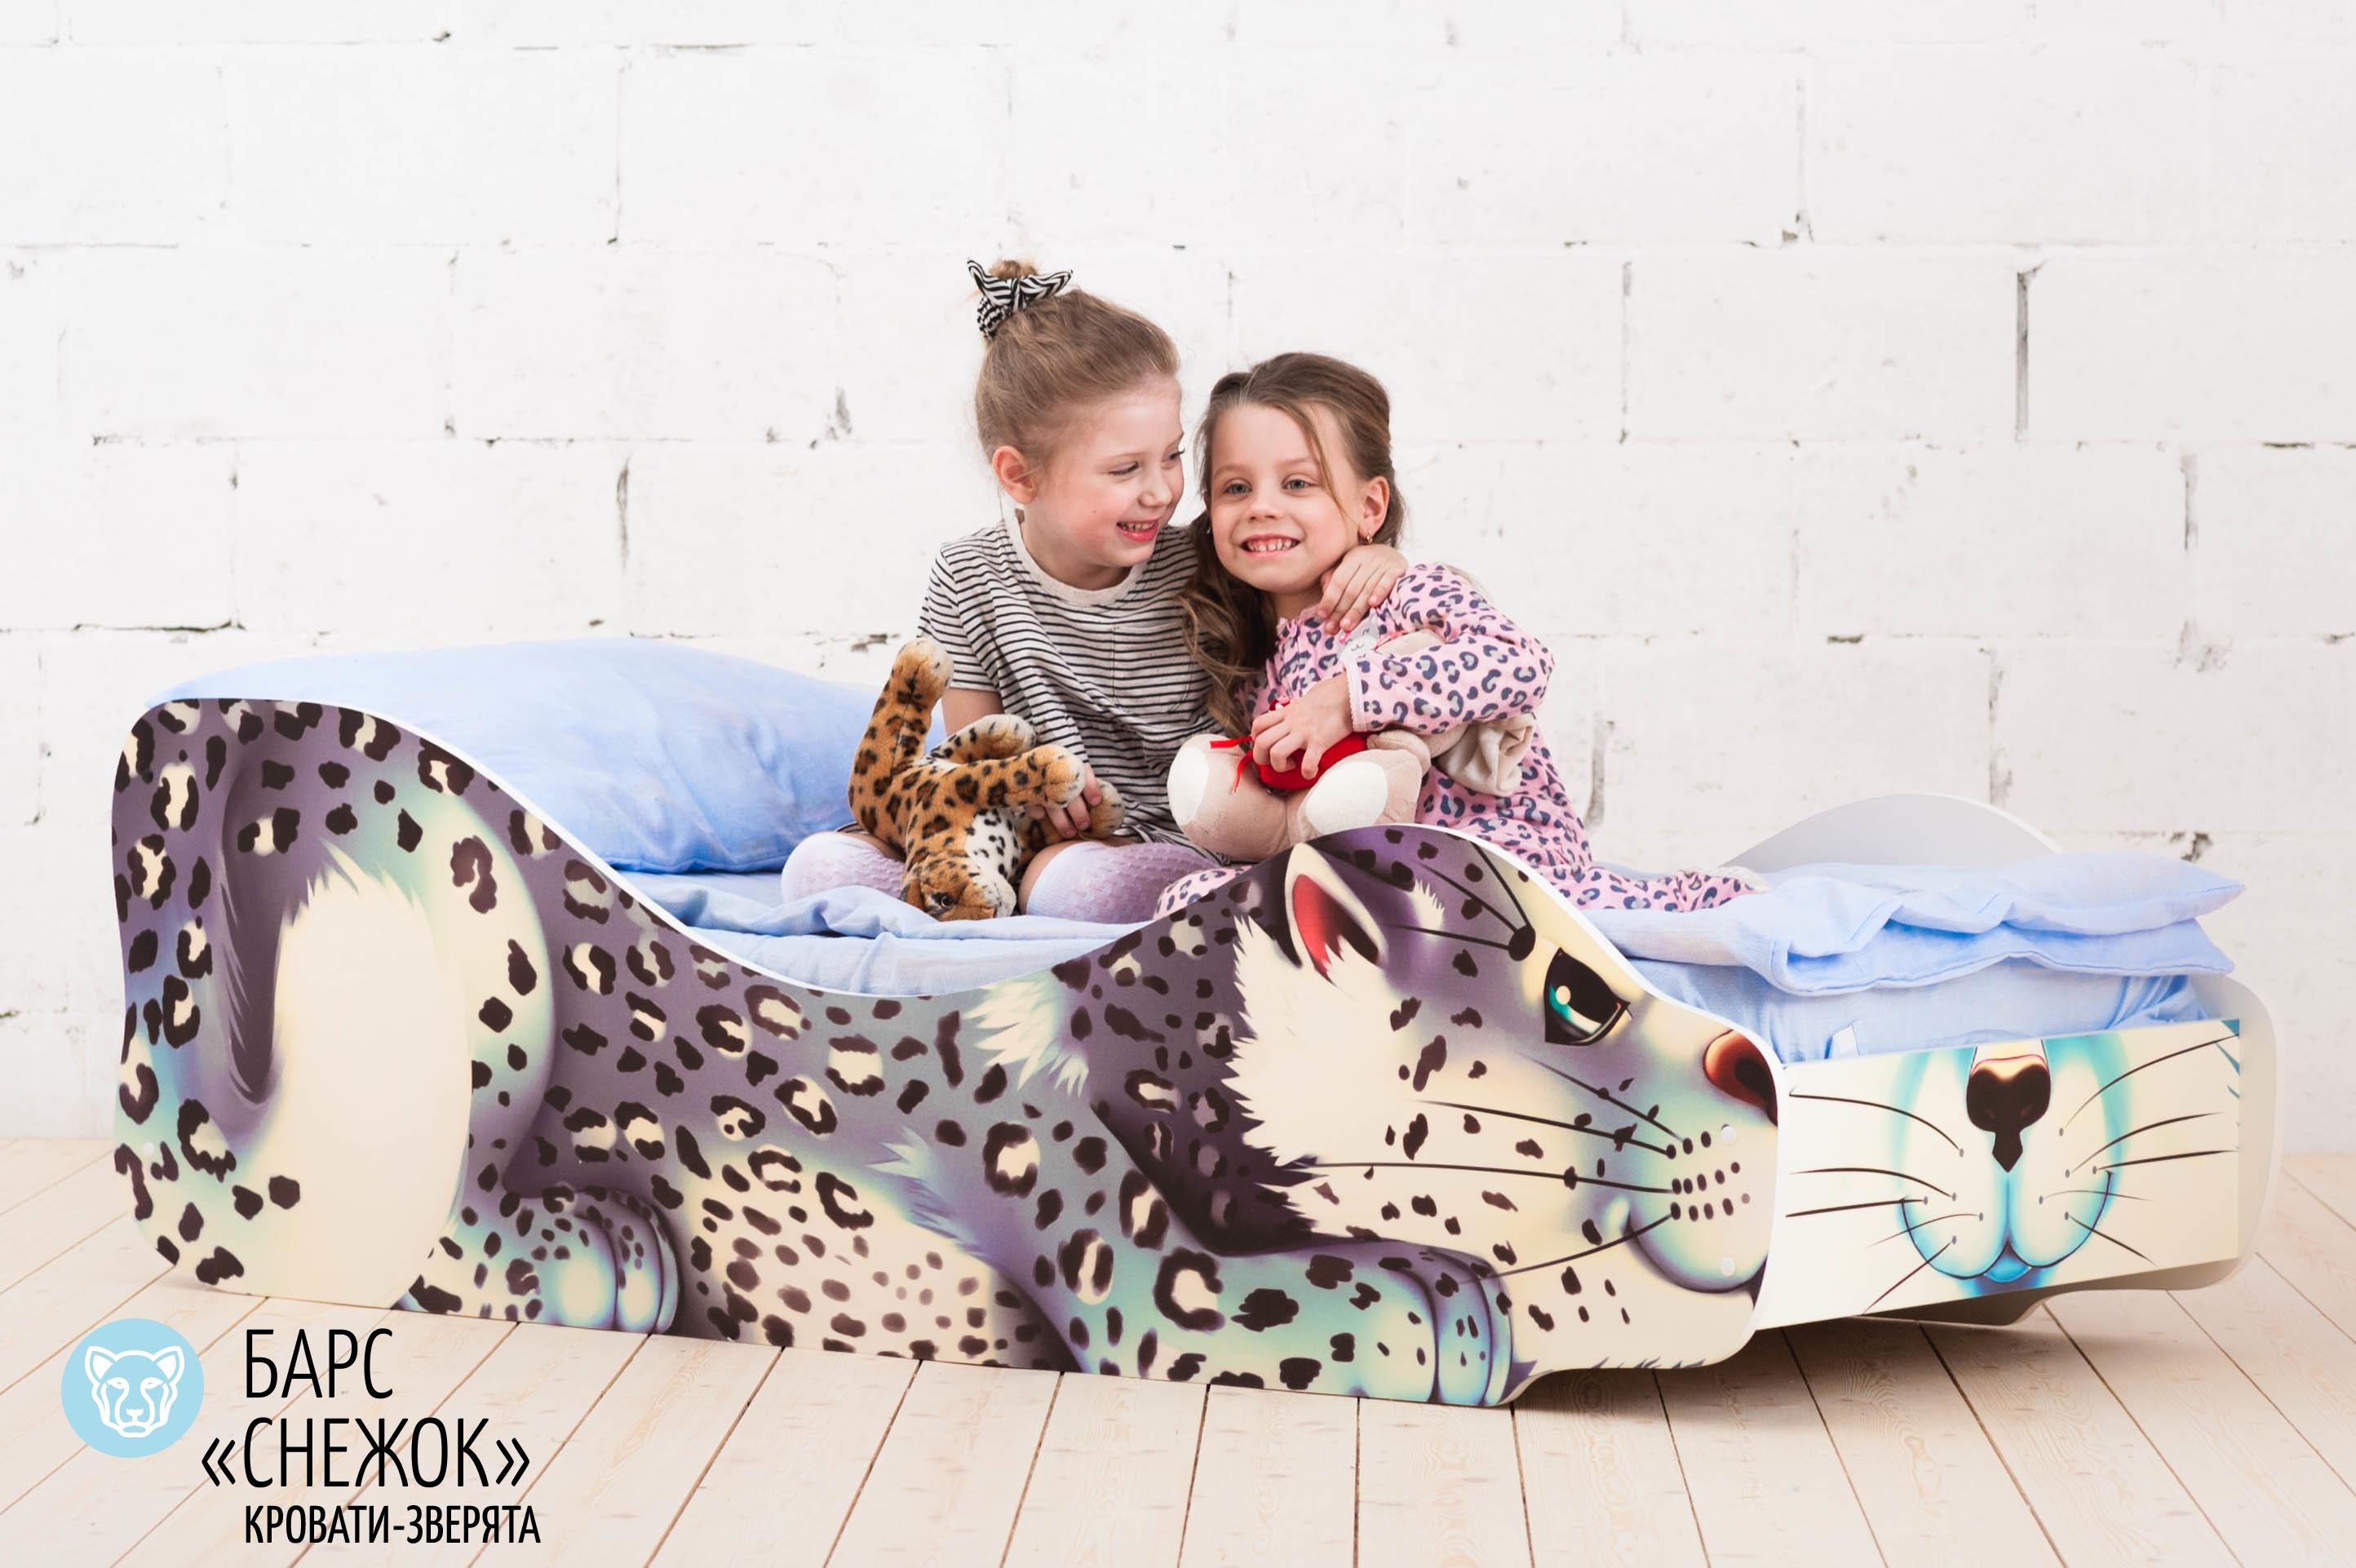 Детская кровать-зверенок -Барс-Снежок-16